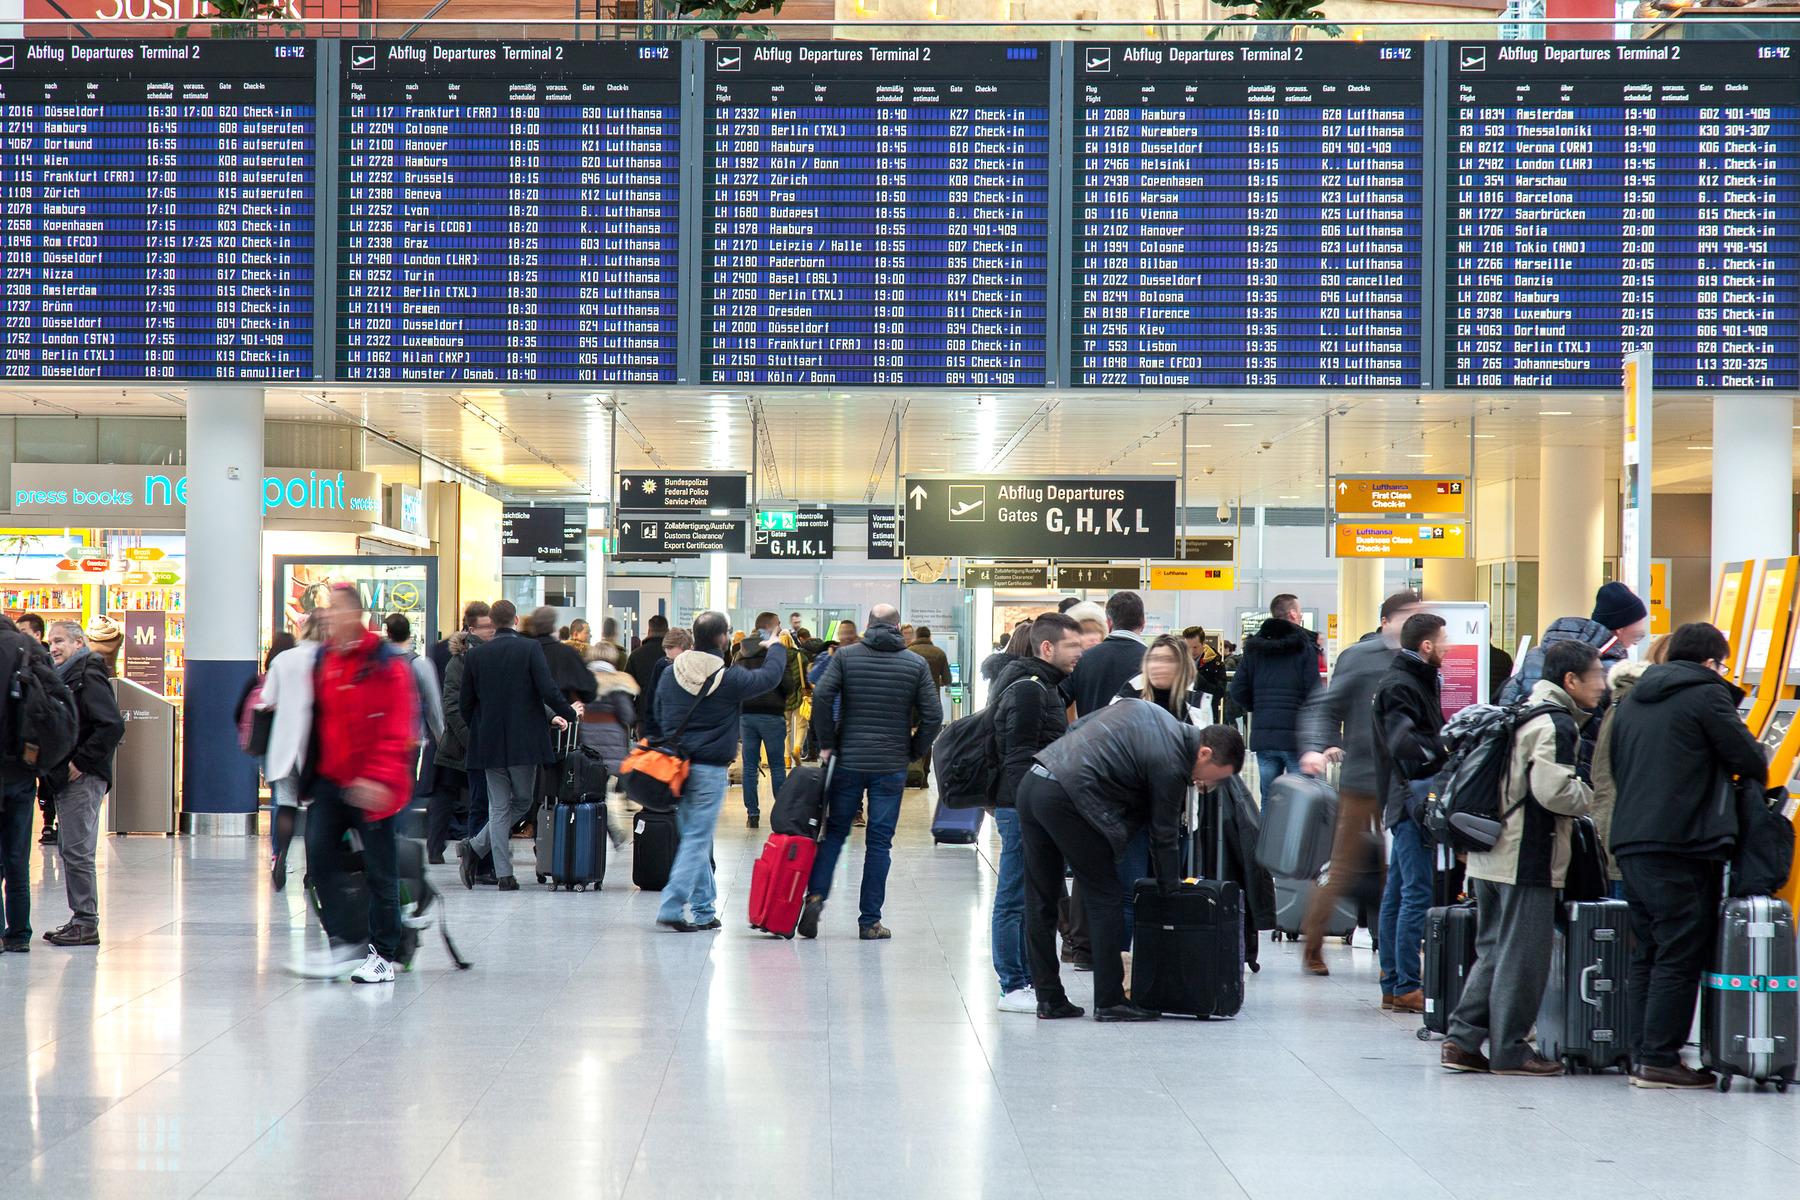 Der er grund til at kigge betingelserne igennem før rejsen købes, lyder det fra Konkurrence- og Forbrugerstyrelsen. Her arkivfoto fra lufthavnen i München – pressefoto.